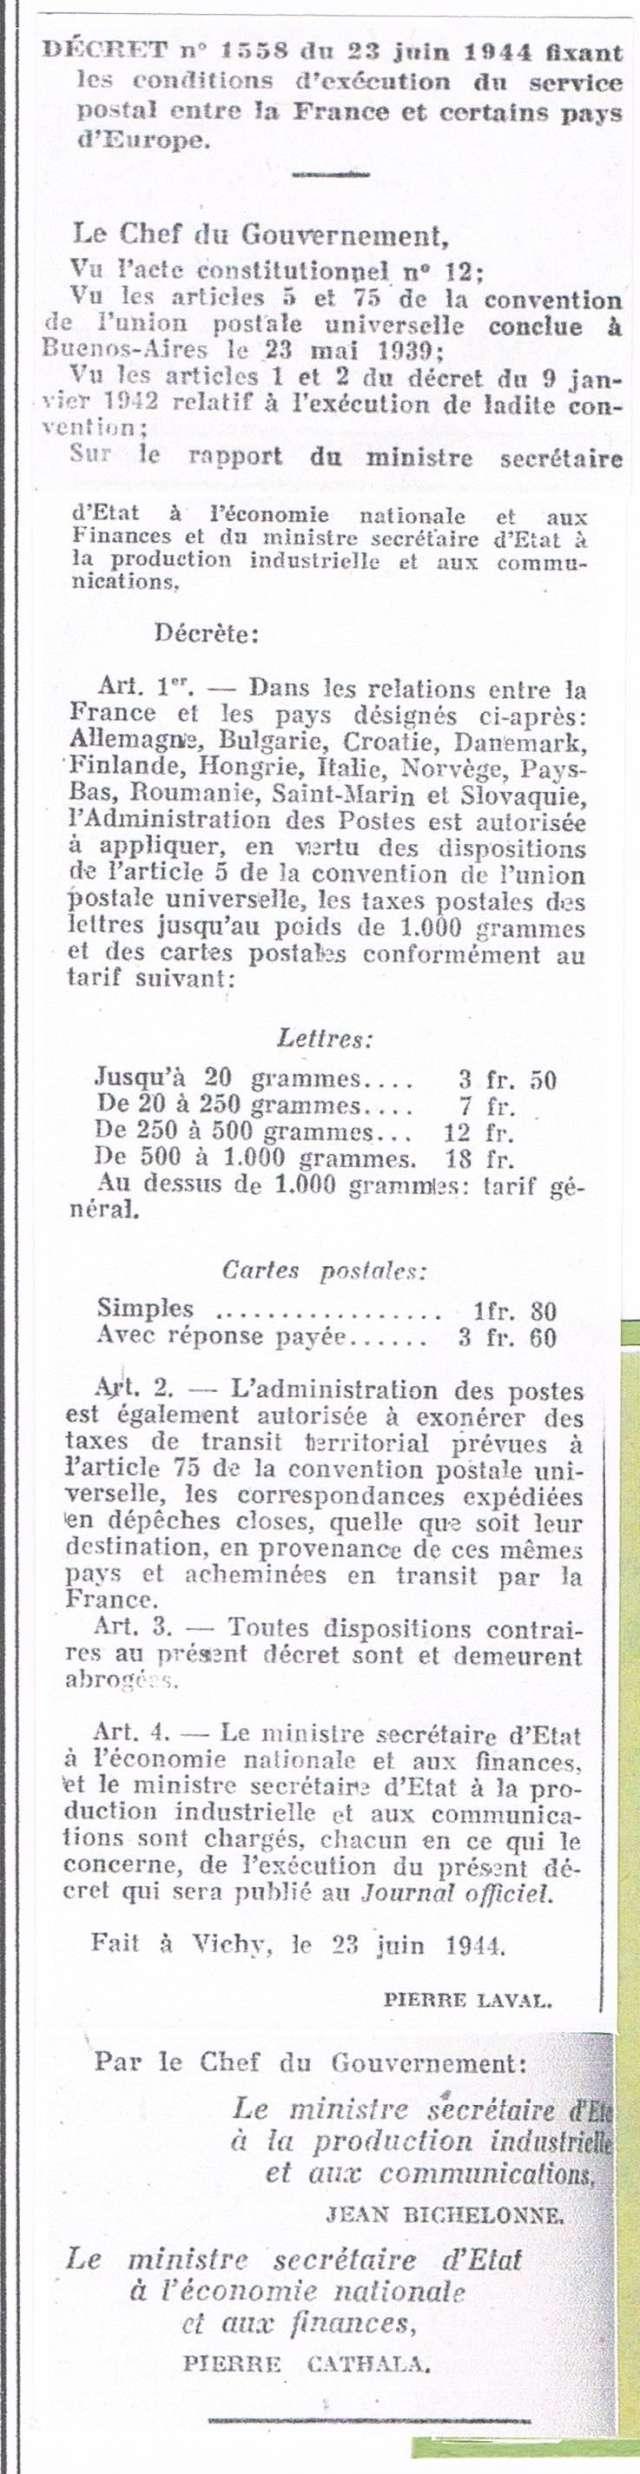 Les Tarifs postaux du décret n° 1558 du 23 juin 1944 entre la France et certains pays d'Europe.Texte du décret Ccf17110